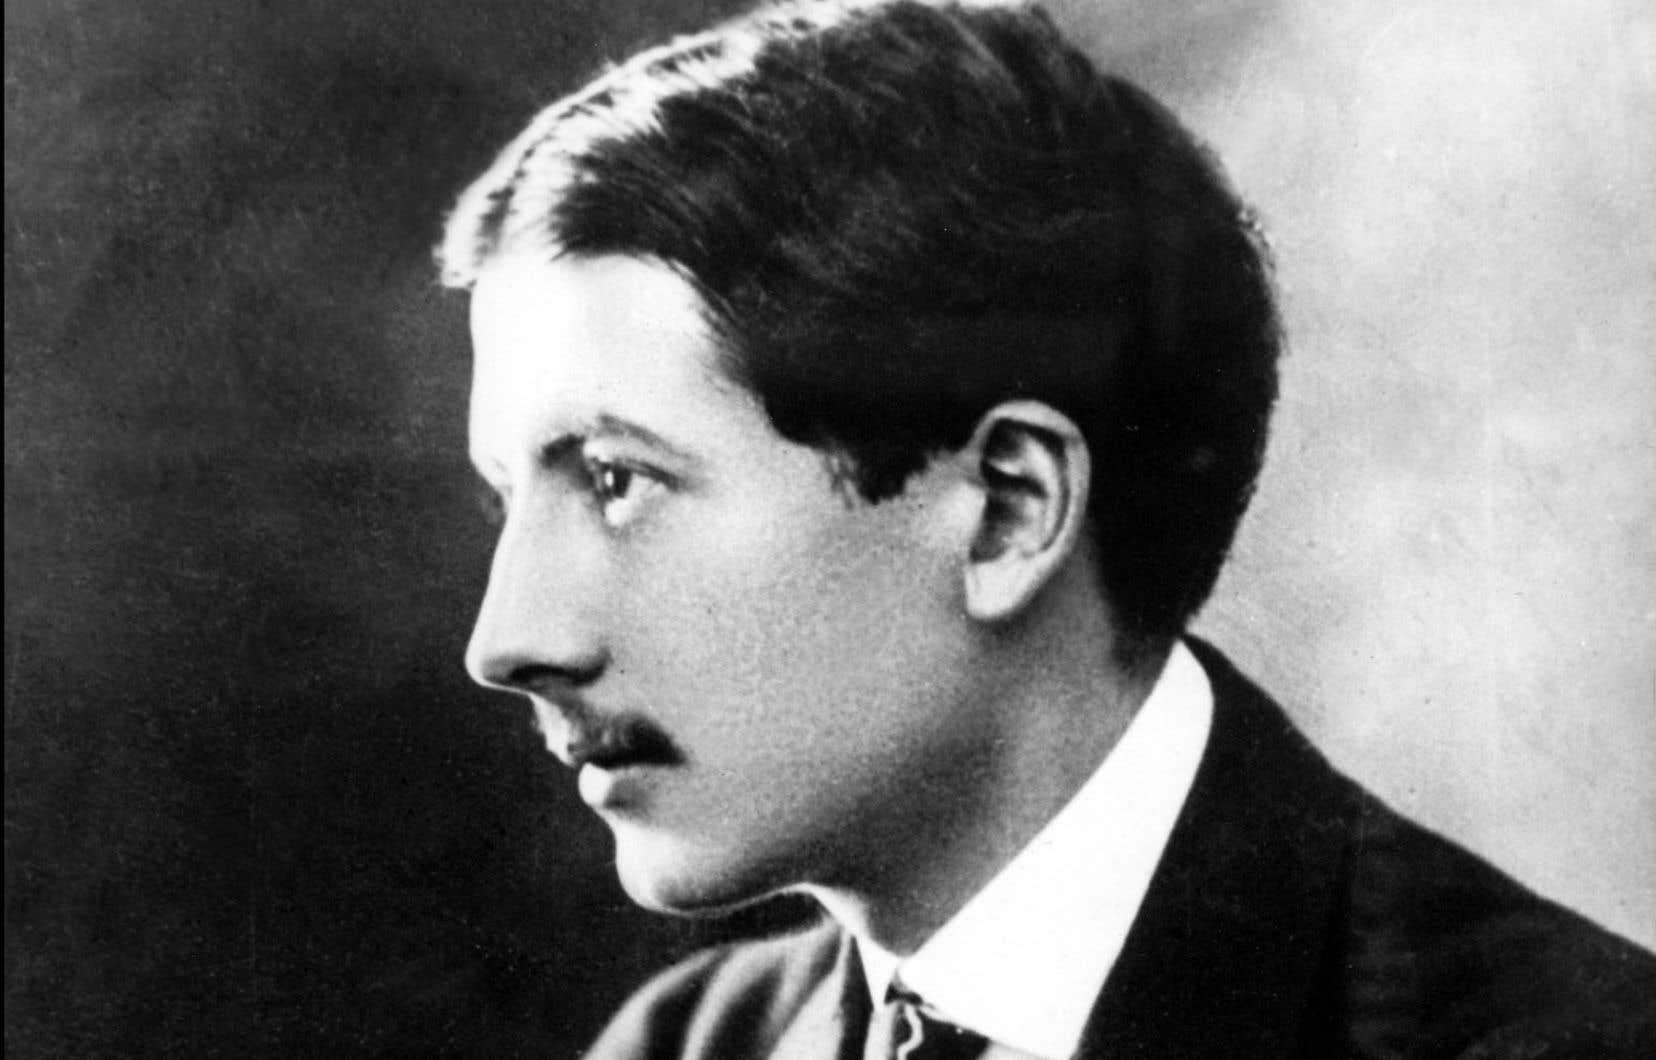 L'écrivain Alain-Fournier est décédé au front en 1914 lors de la Première Guerre mondiale.